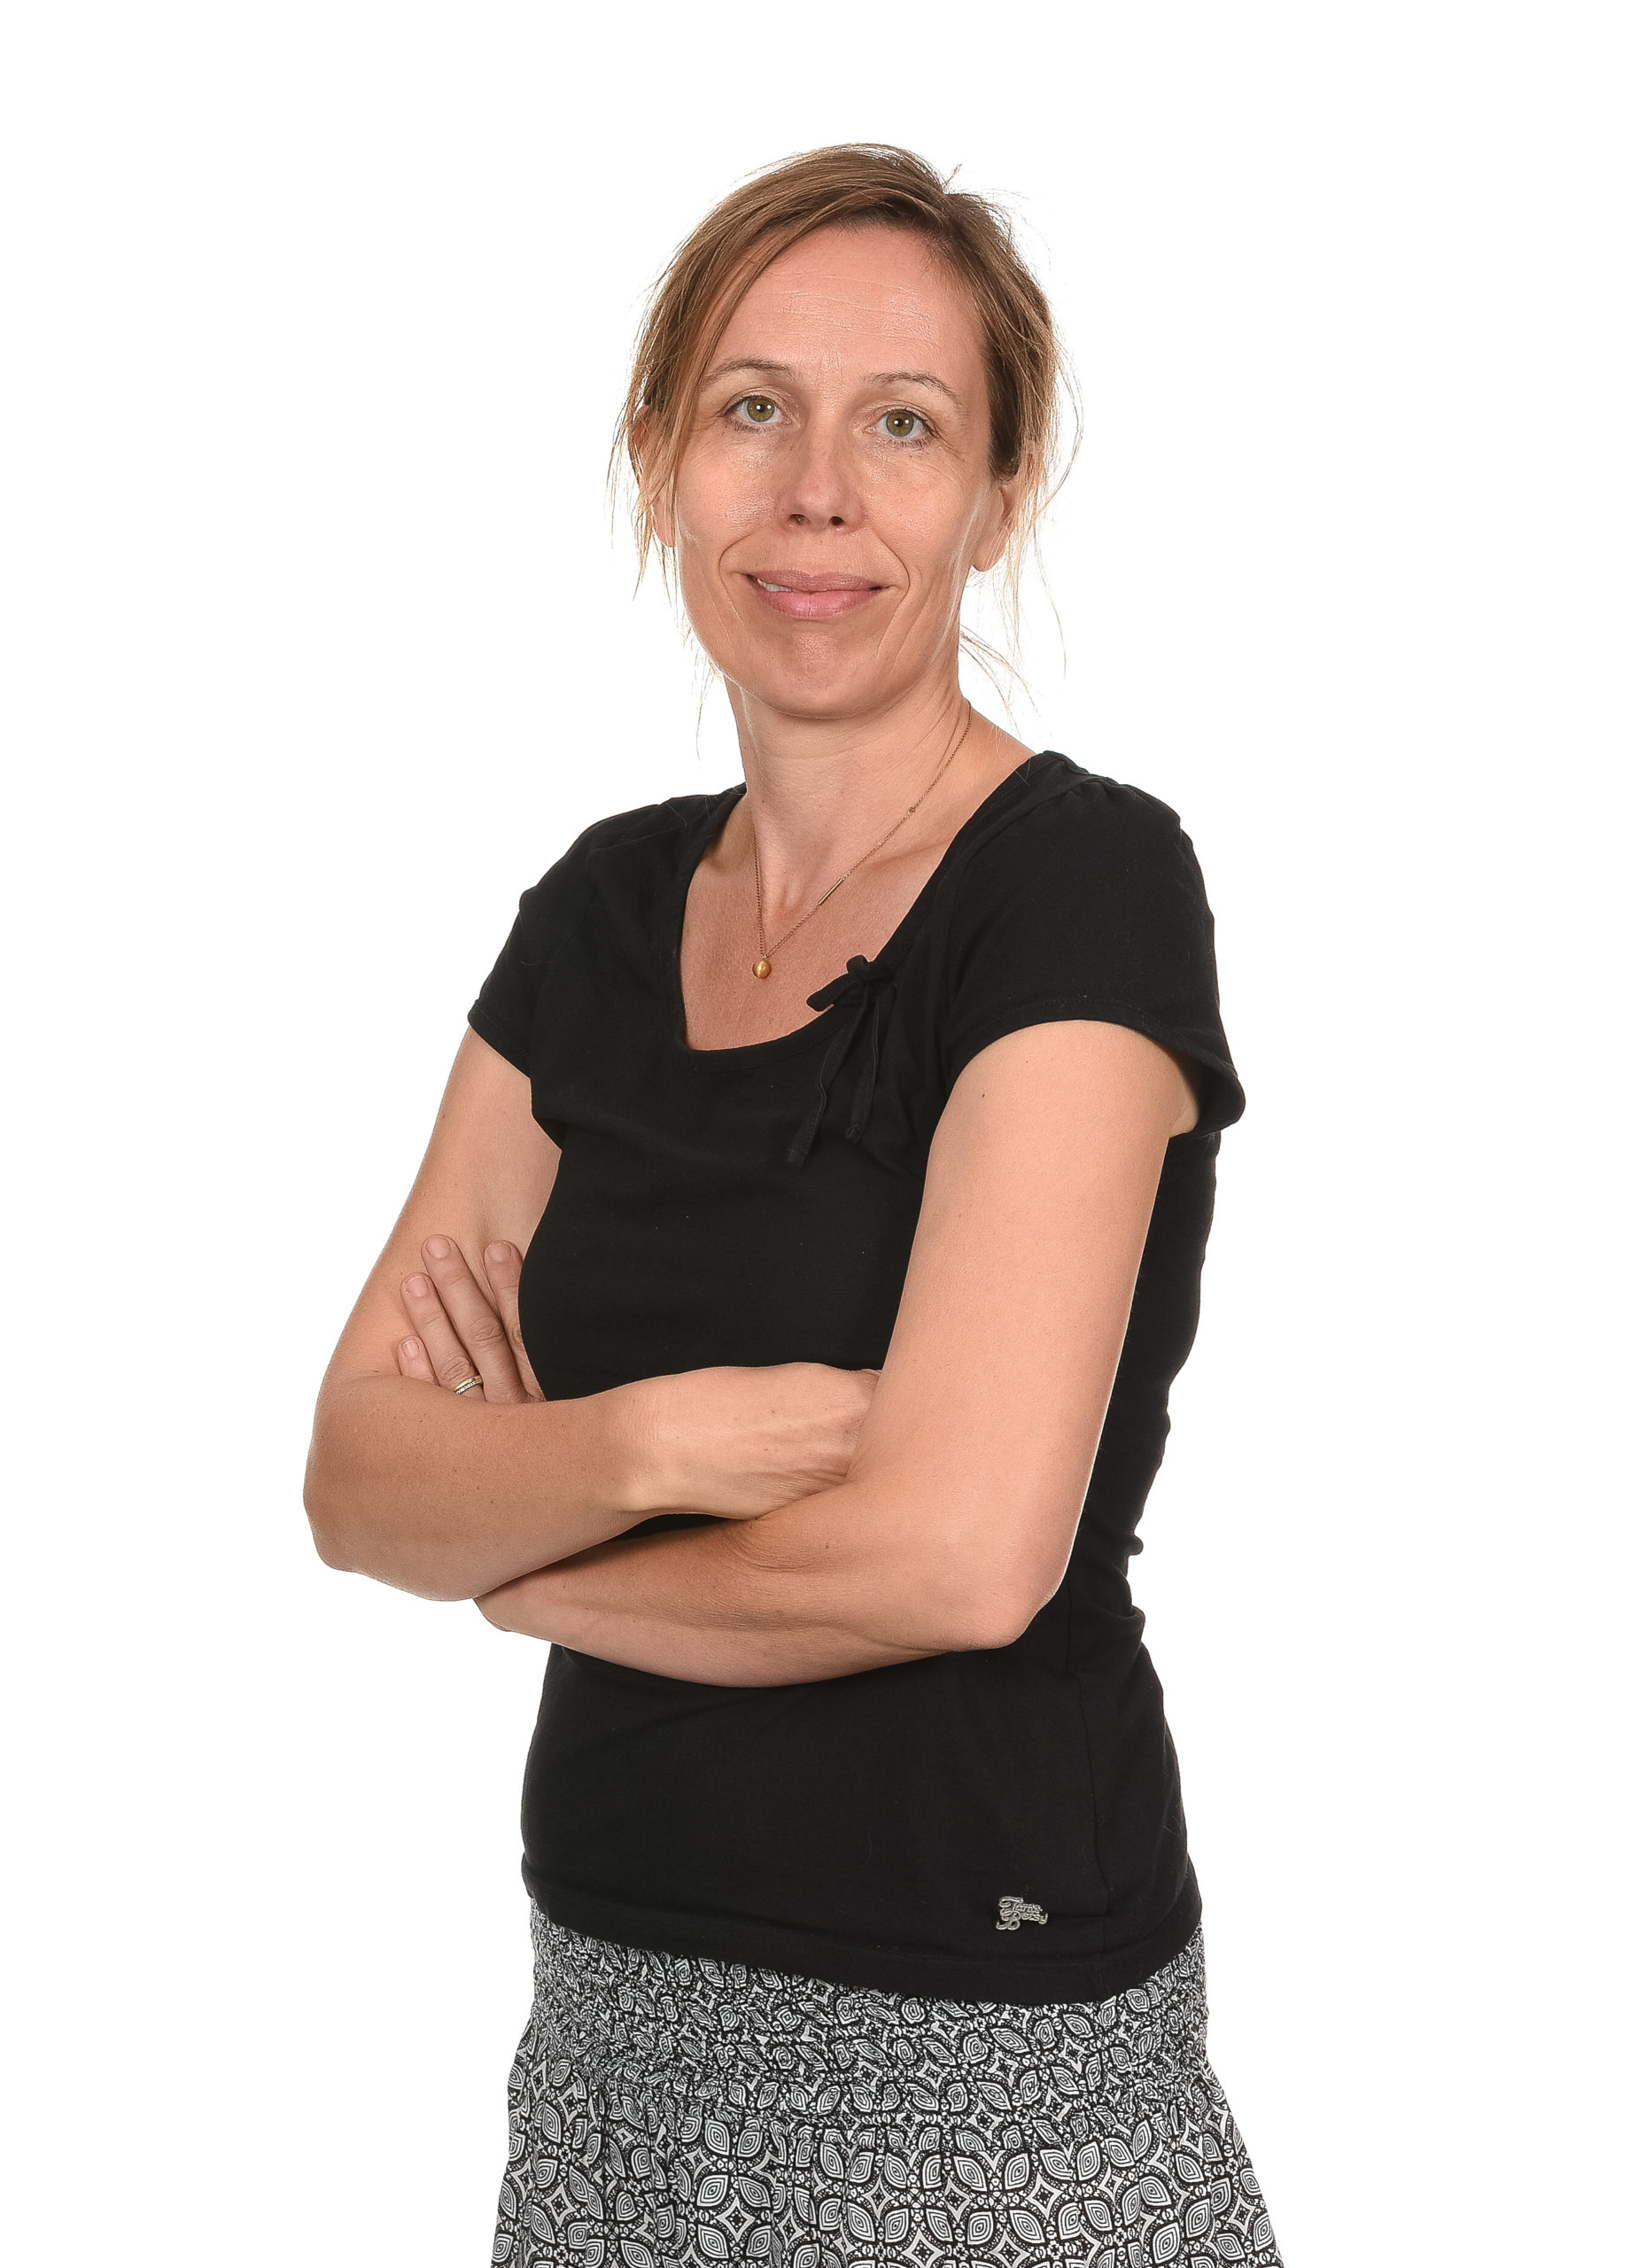 Lisa Metzelaers